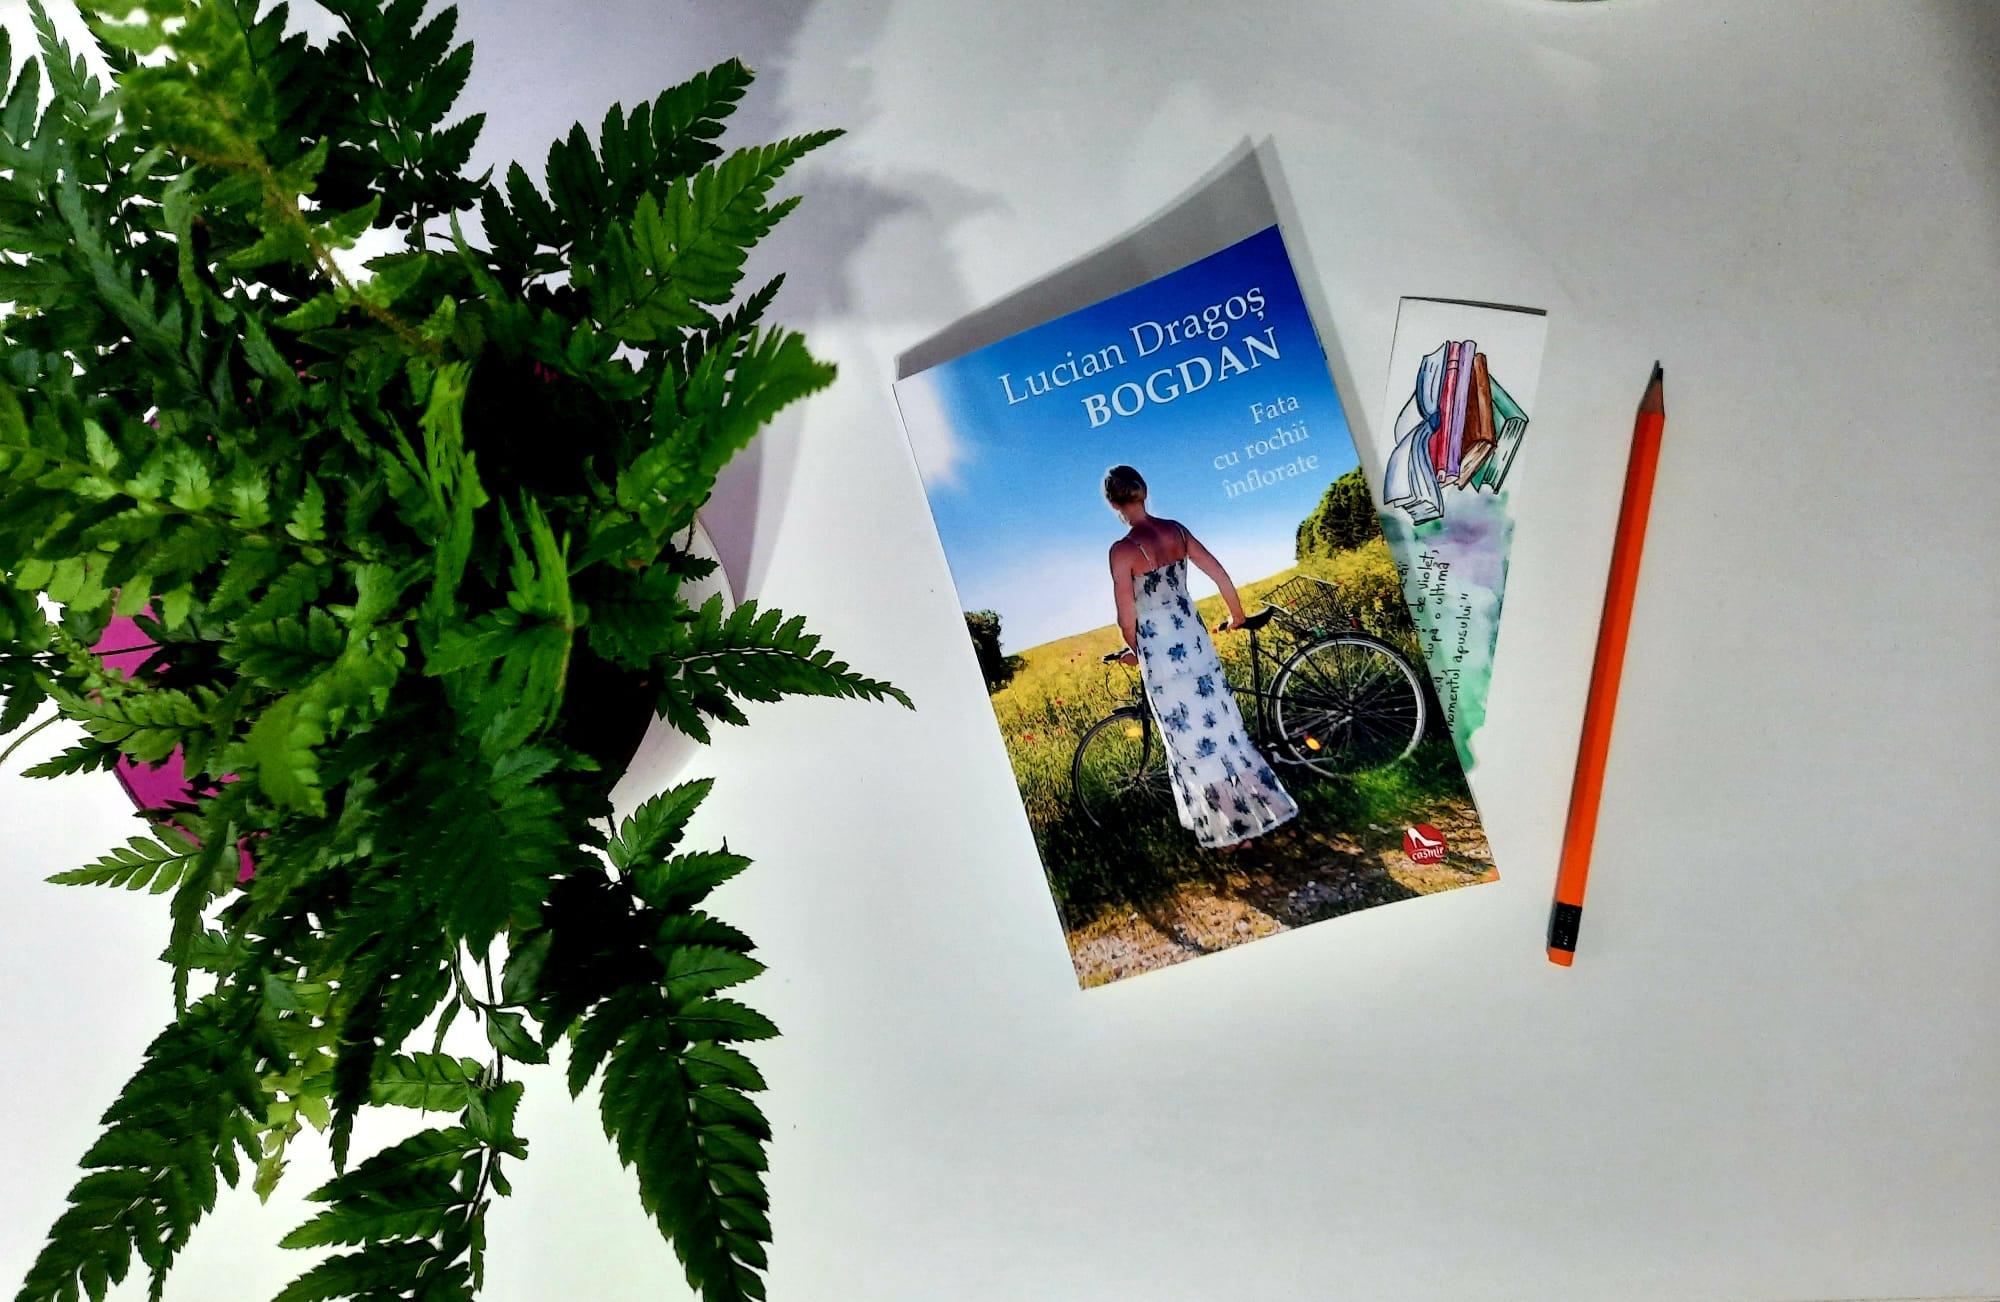 """Ar putea fi o imagine cu carte, natură, copac şi text care spune """"Lucian DragoÈ BOGDAN Fata cu rochii înflorate"""""""